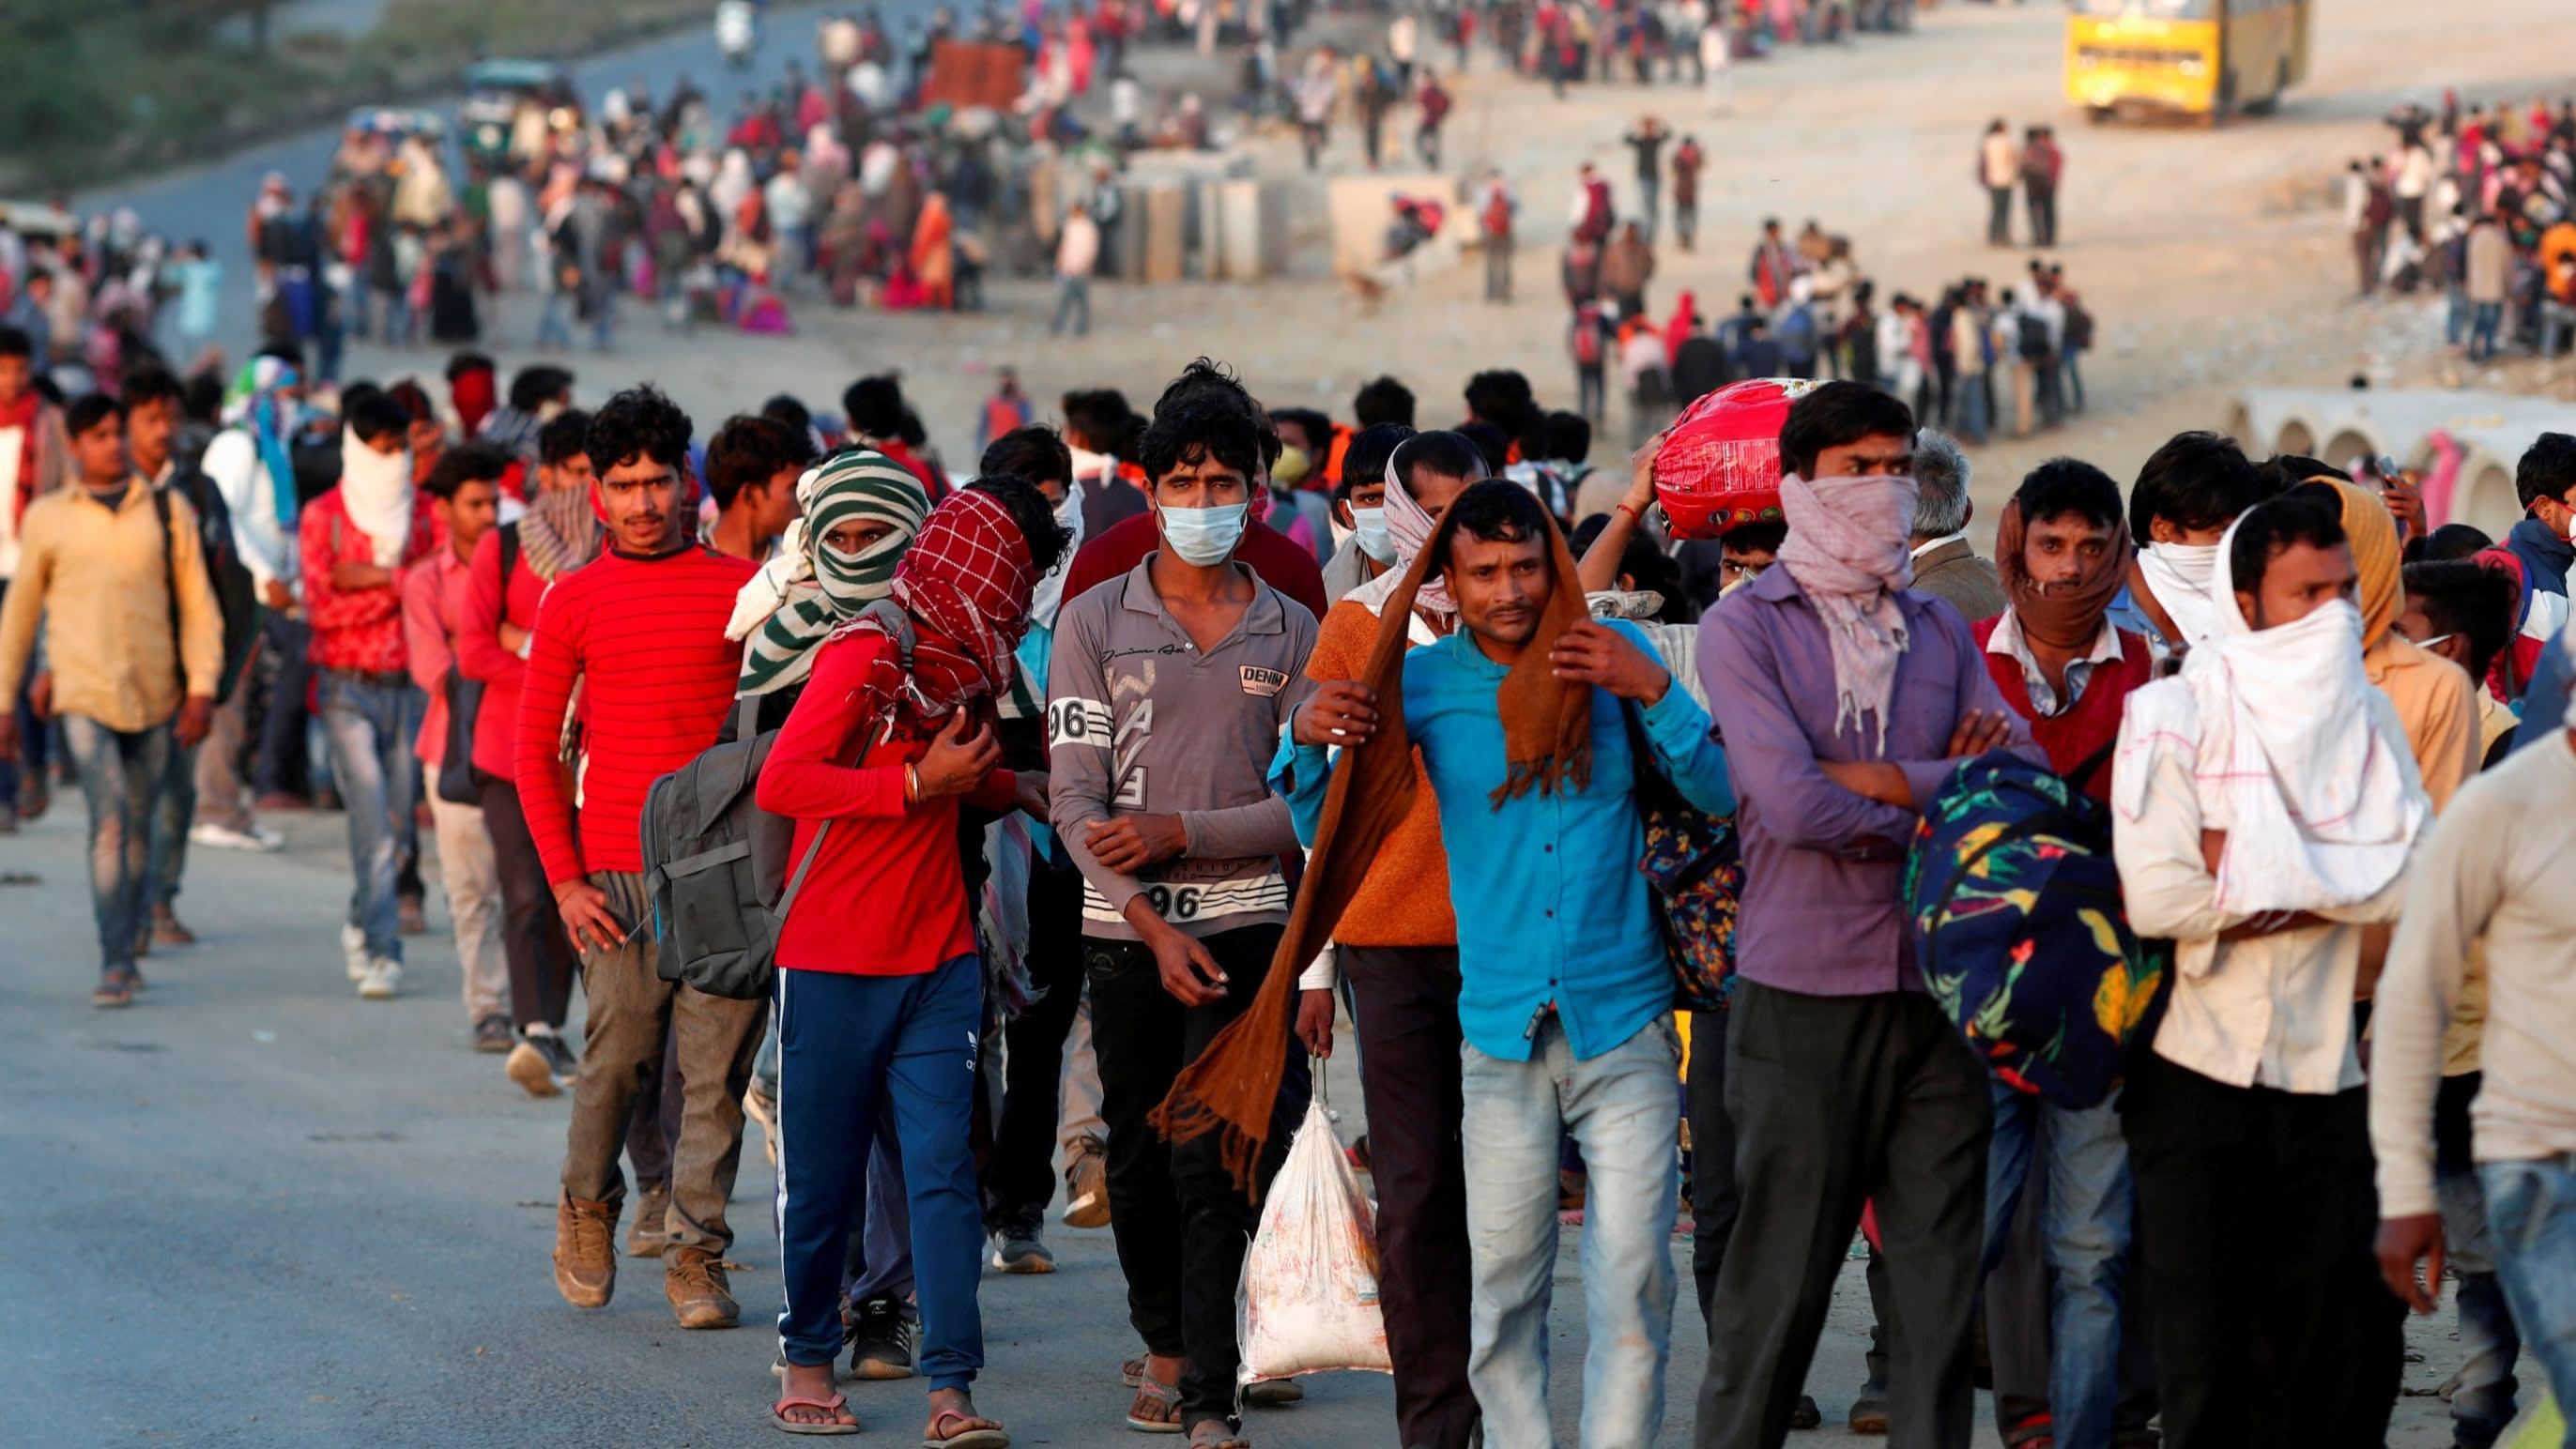 मिड जून तक भारत में हर दिन बढ़ेंगे 15000 से ज्यादा कोरोना केस, एक्सपर्ट्स का अनुमान - राष्ट्रीय